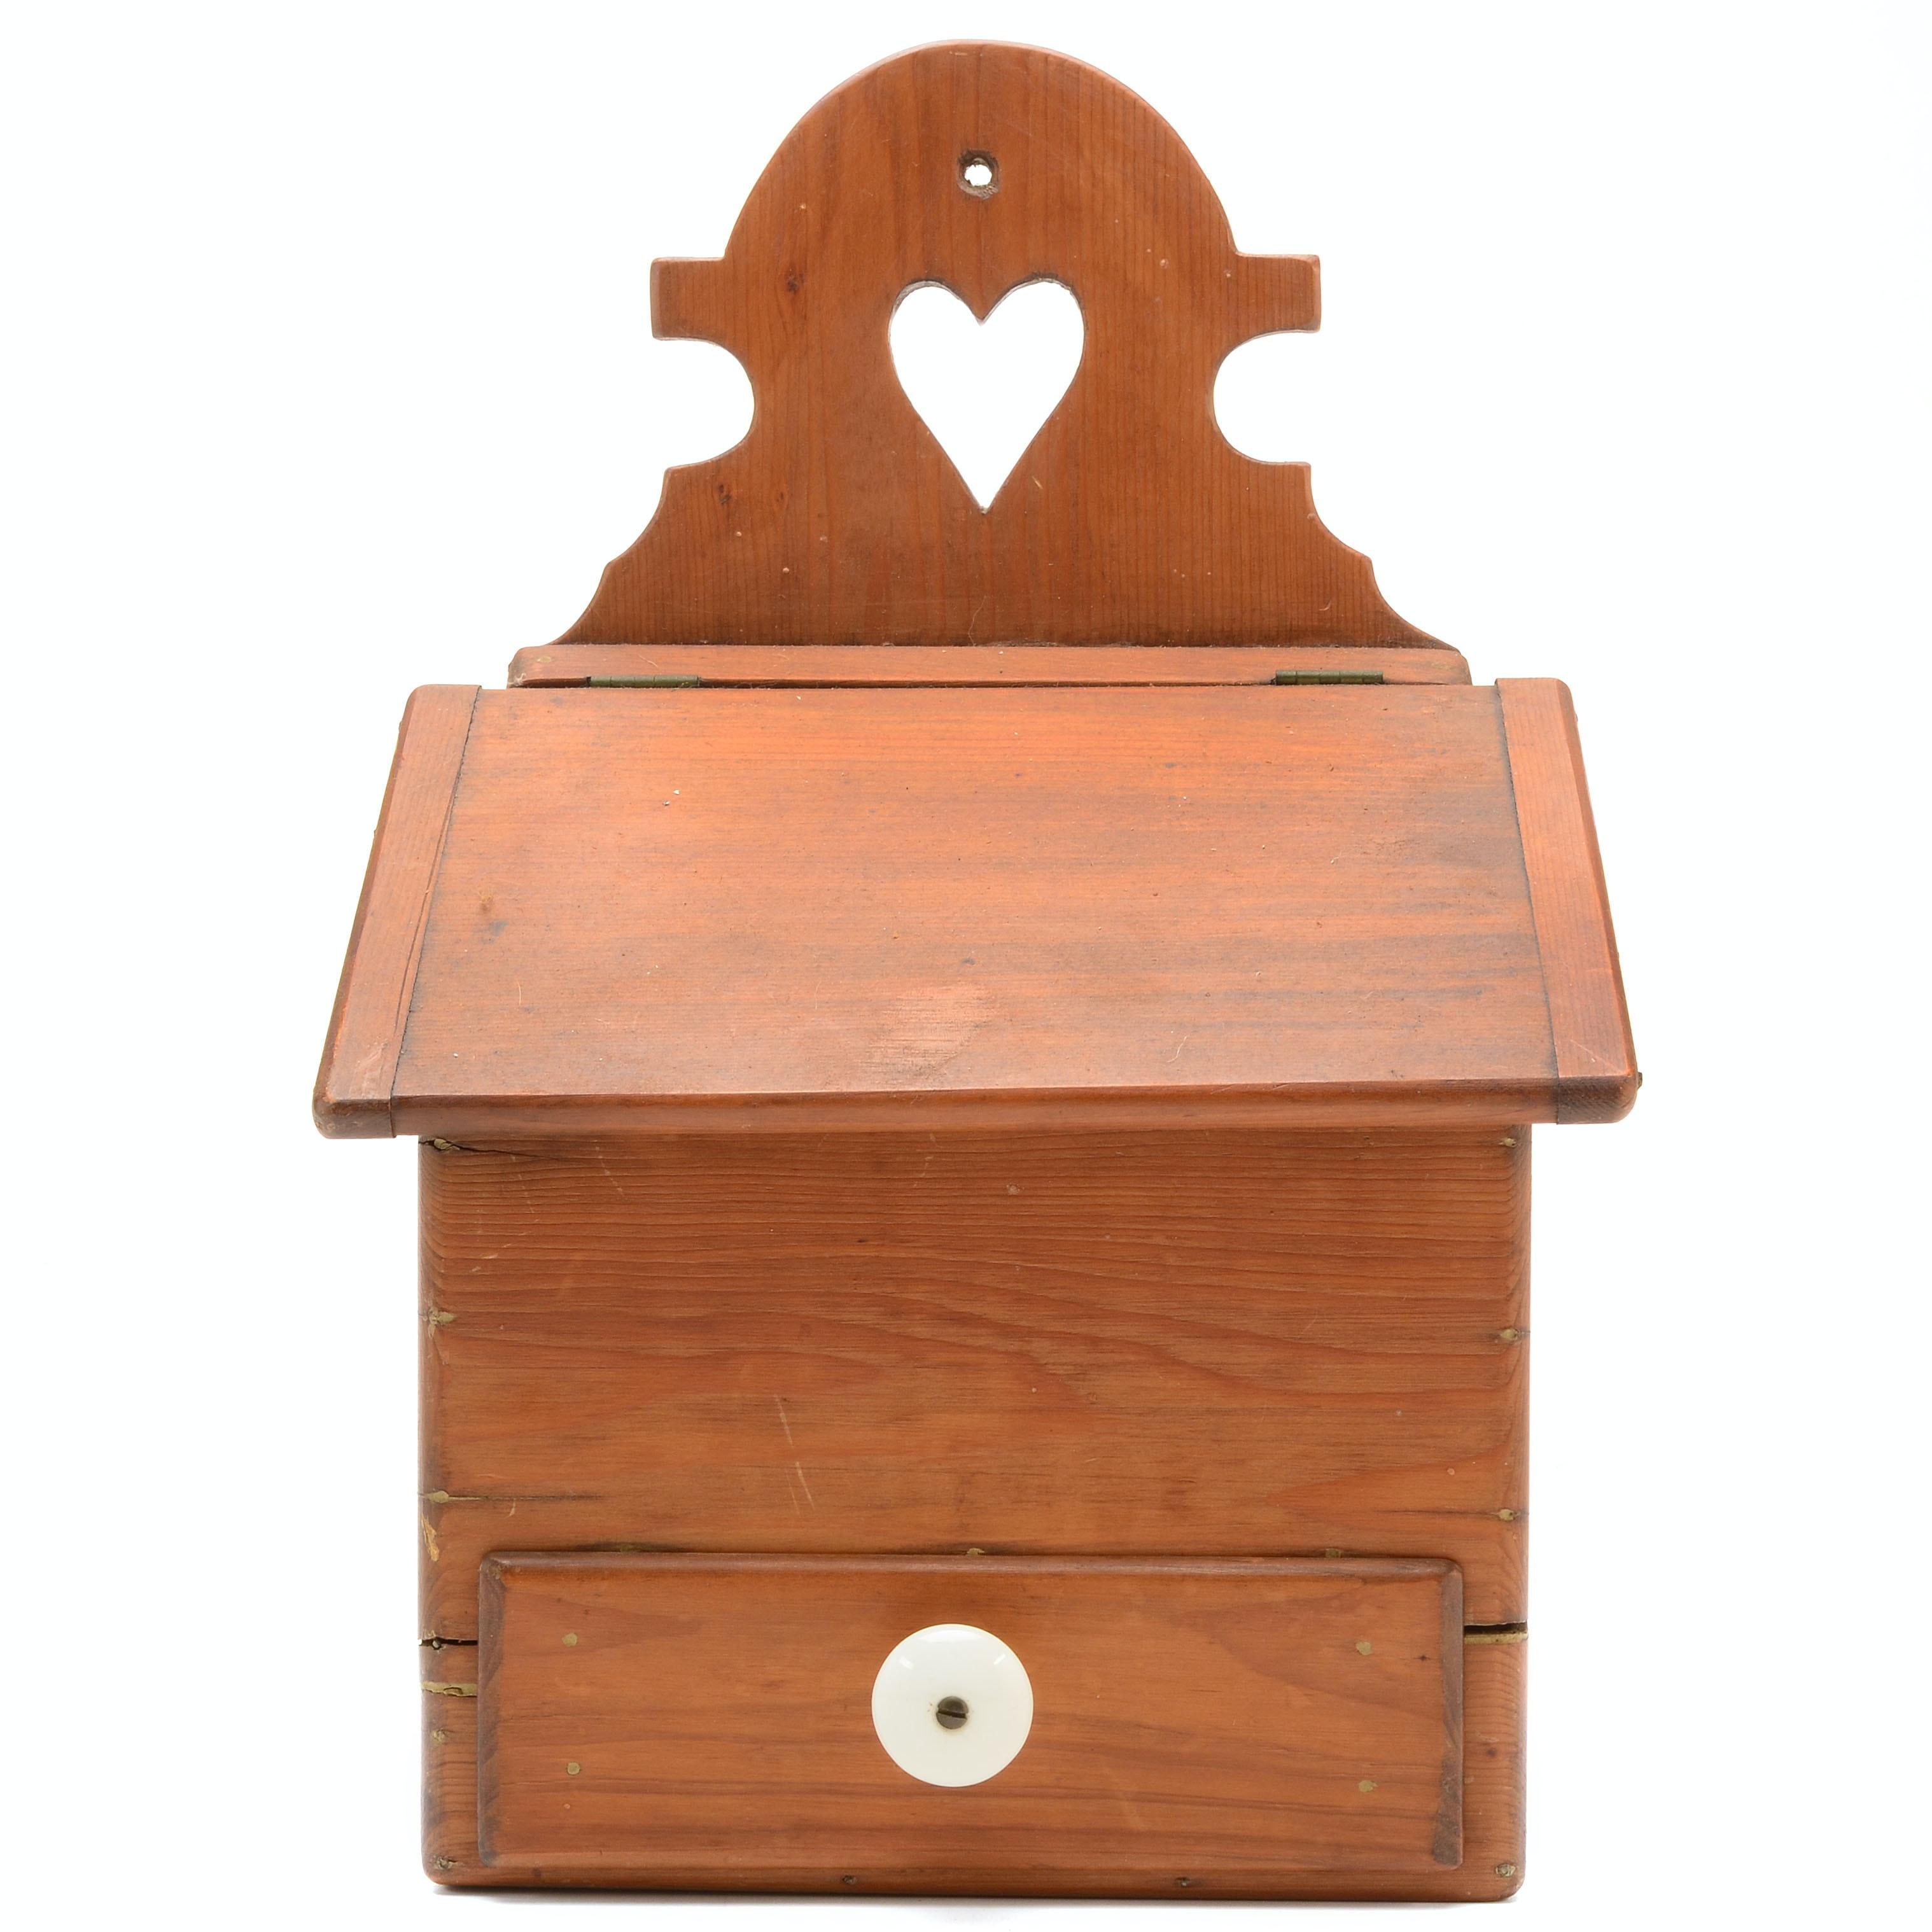 Folk Art Style Primitive Wooden Salt Box